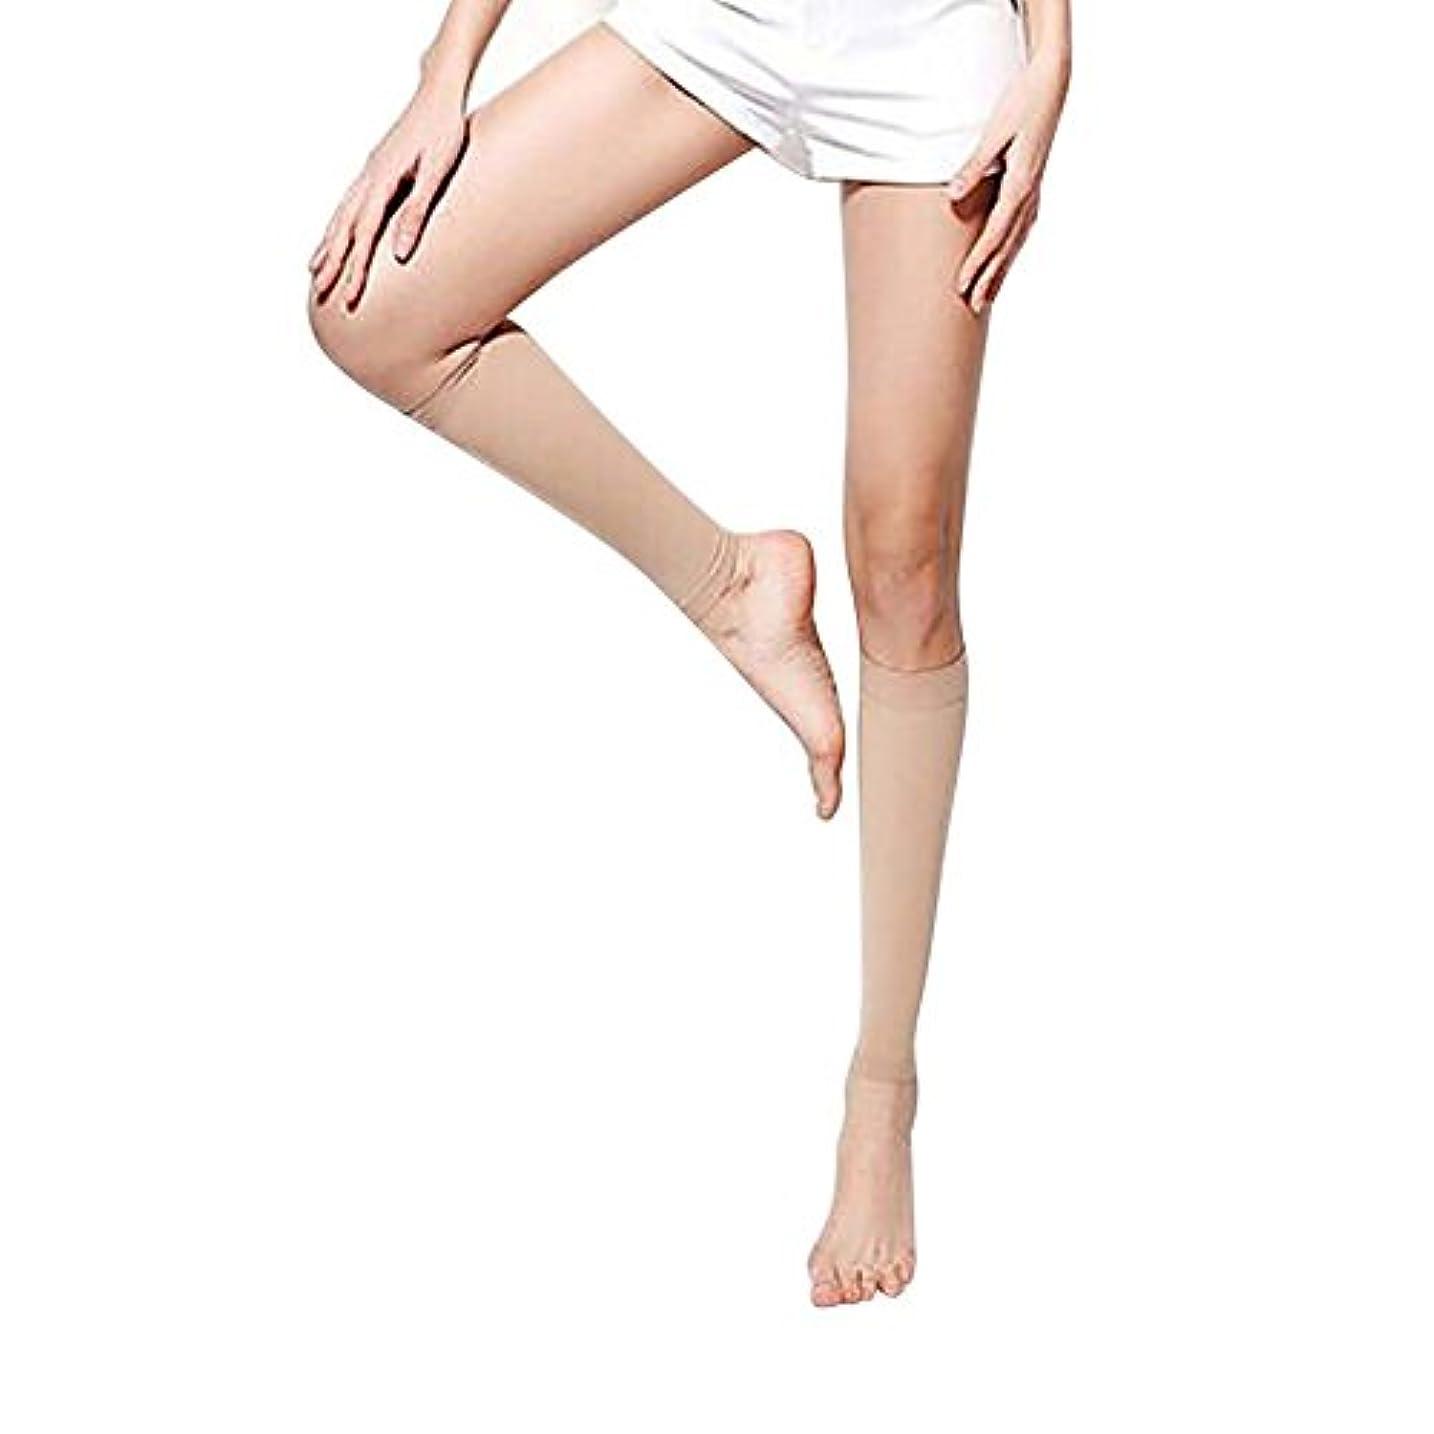 ラッシュアナウンサーパンフレットkasit 美脚ふくらはぎソックス 着圧ソックス 脂肪燃焼で脛ほっそり ショート